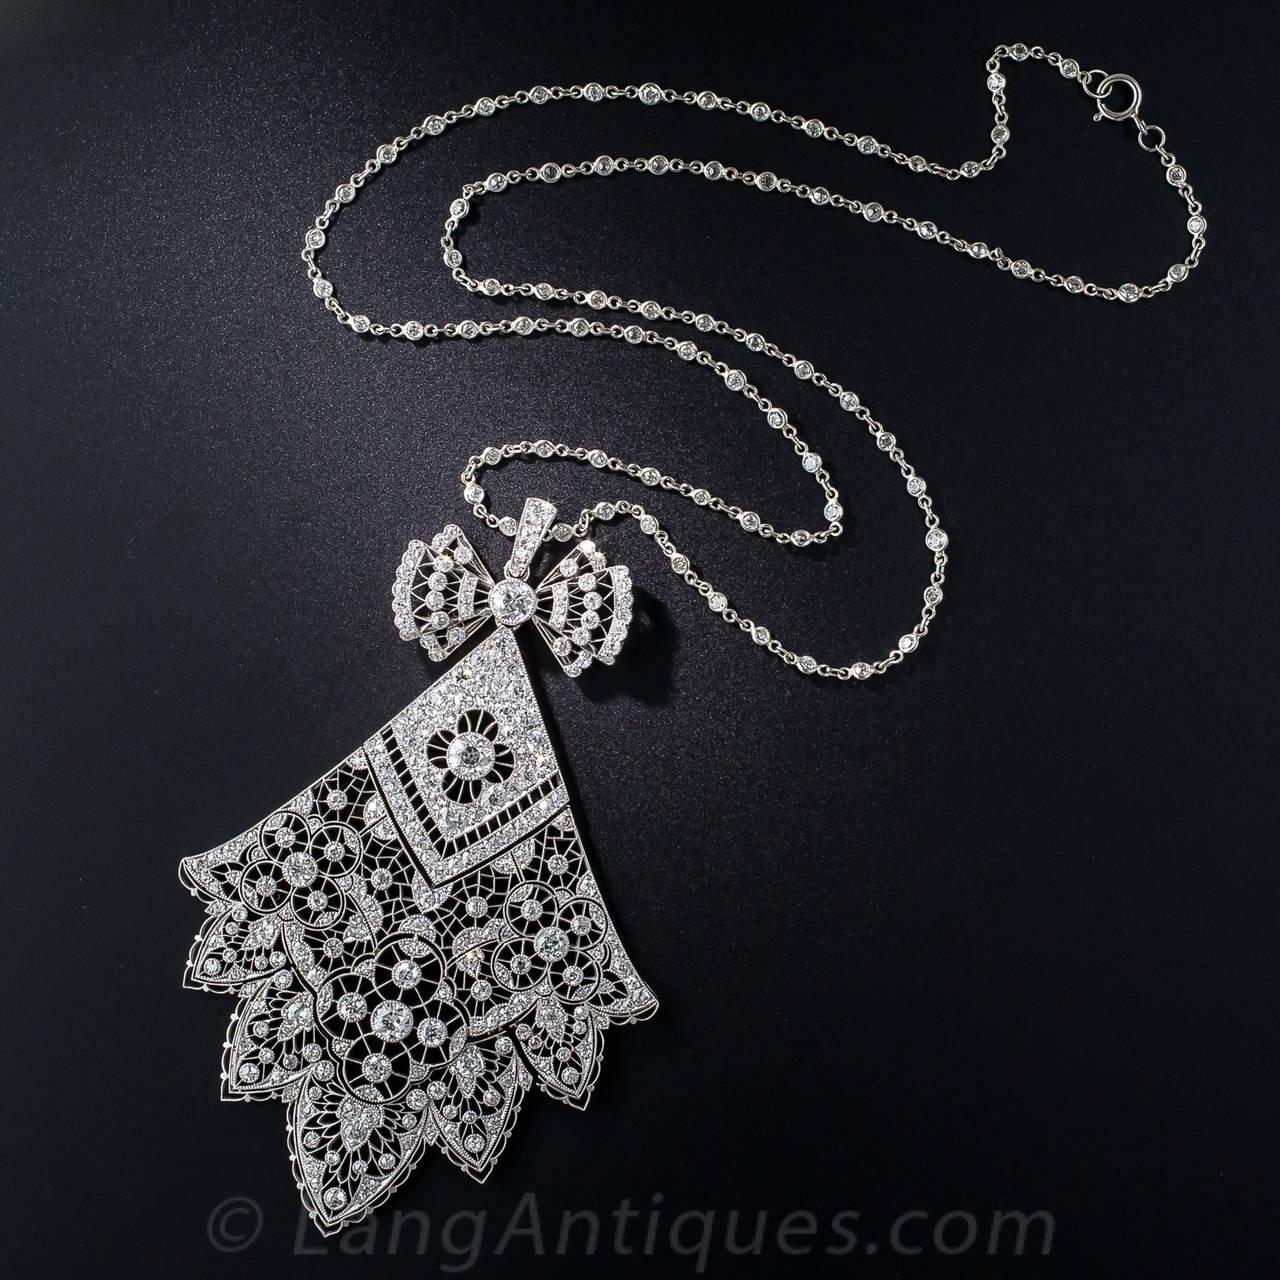 Belle Époque Antique French Belle Epoque 6.75 Carat Diamond Necklace For Sale